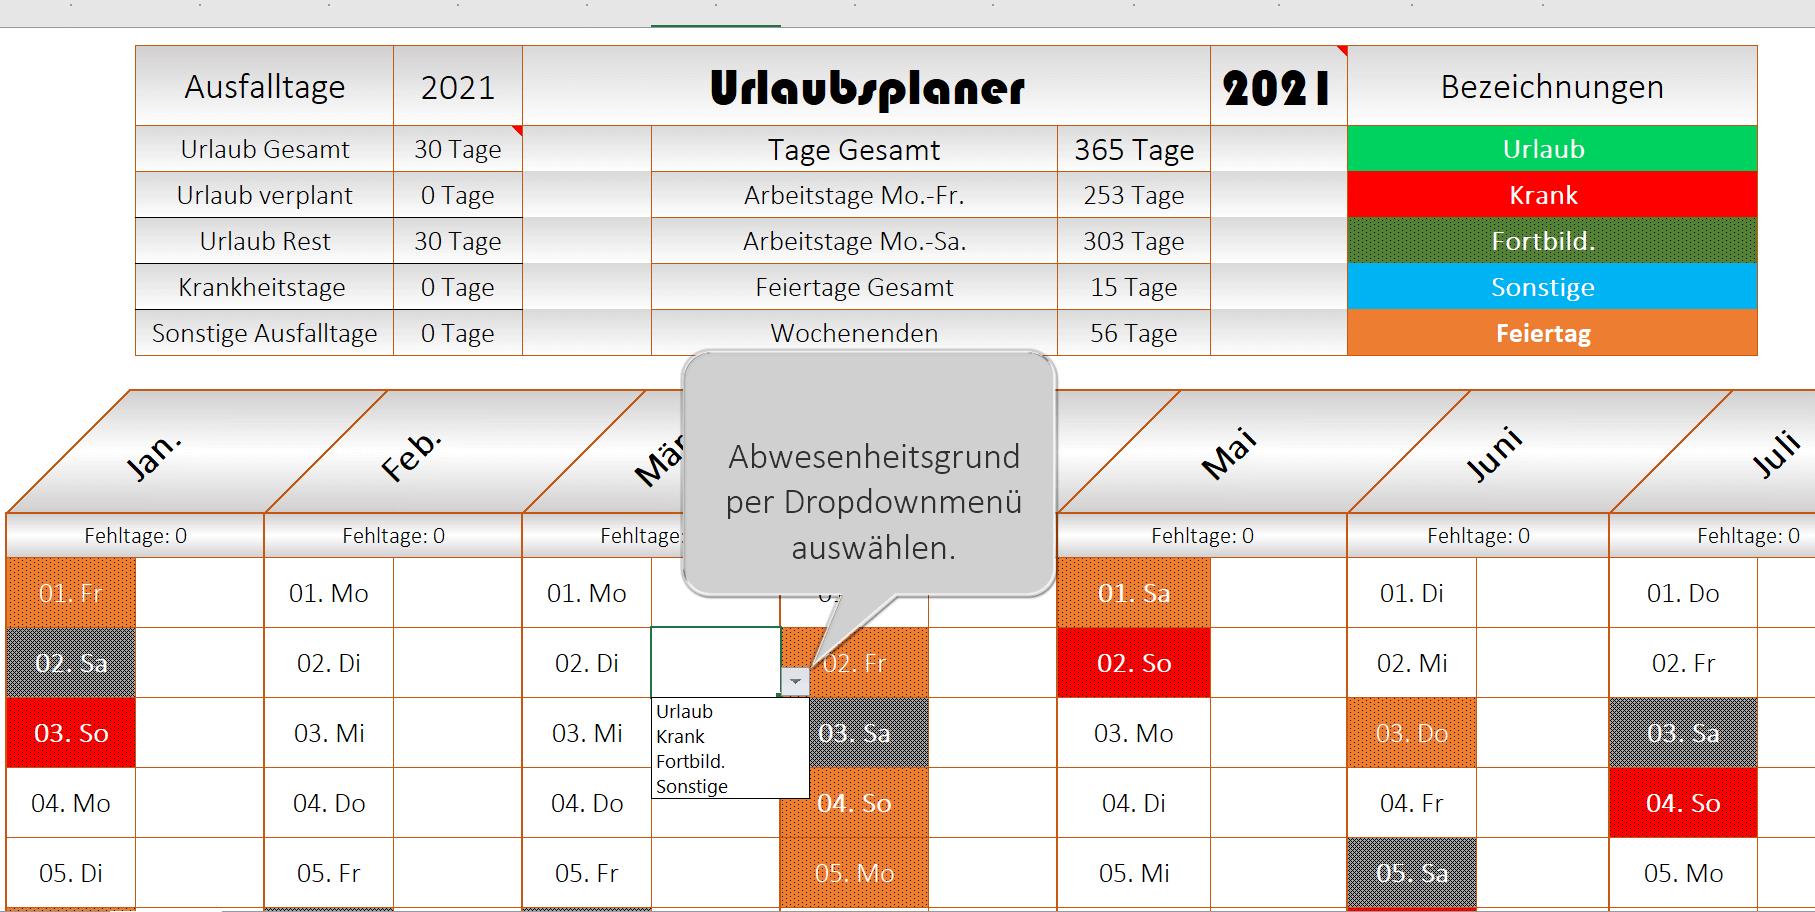 Excel Urlaubsplaner 2021 - Ansicht 2